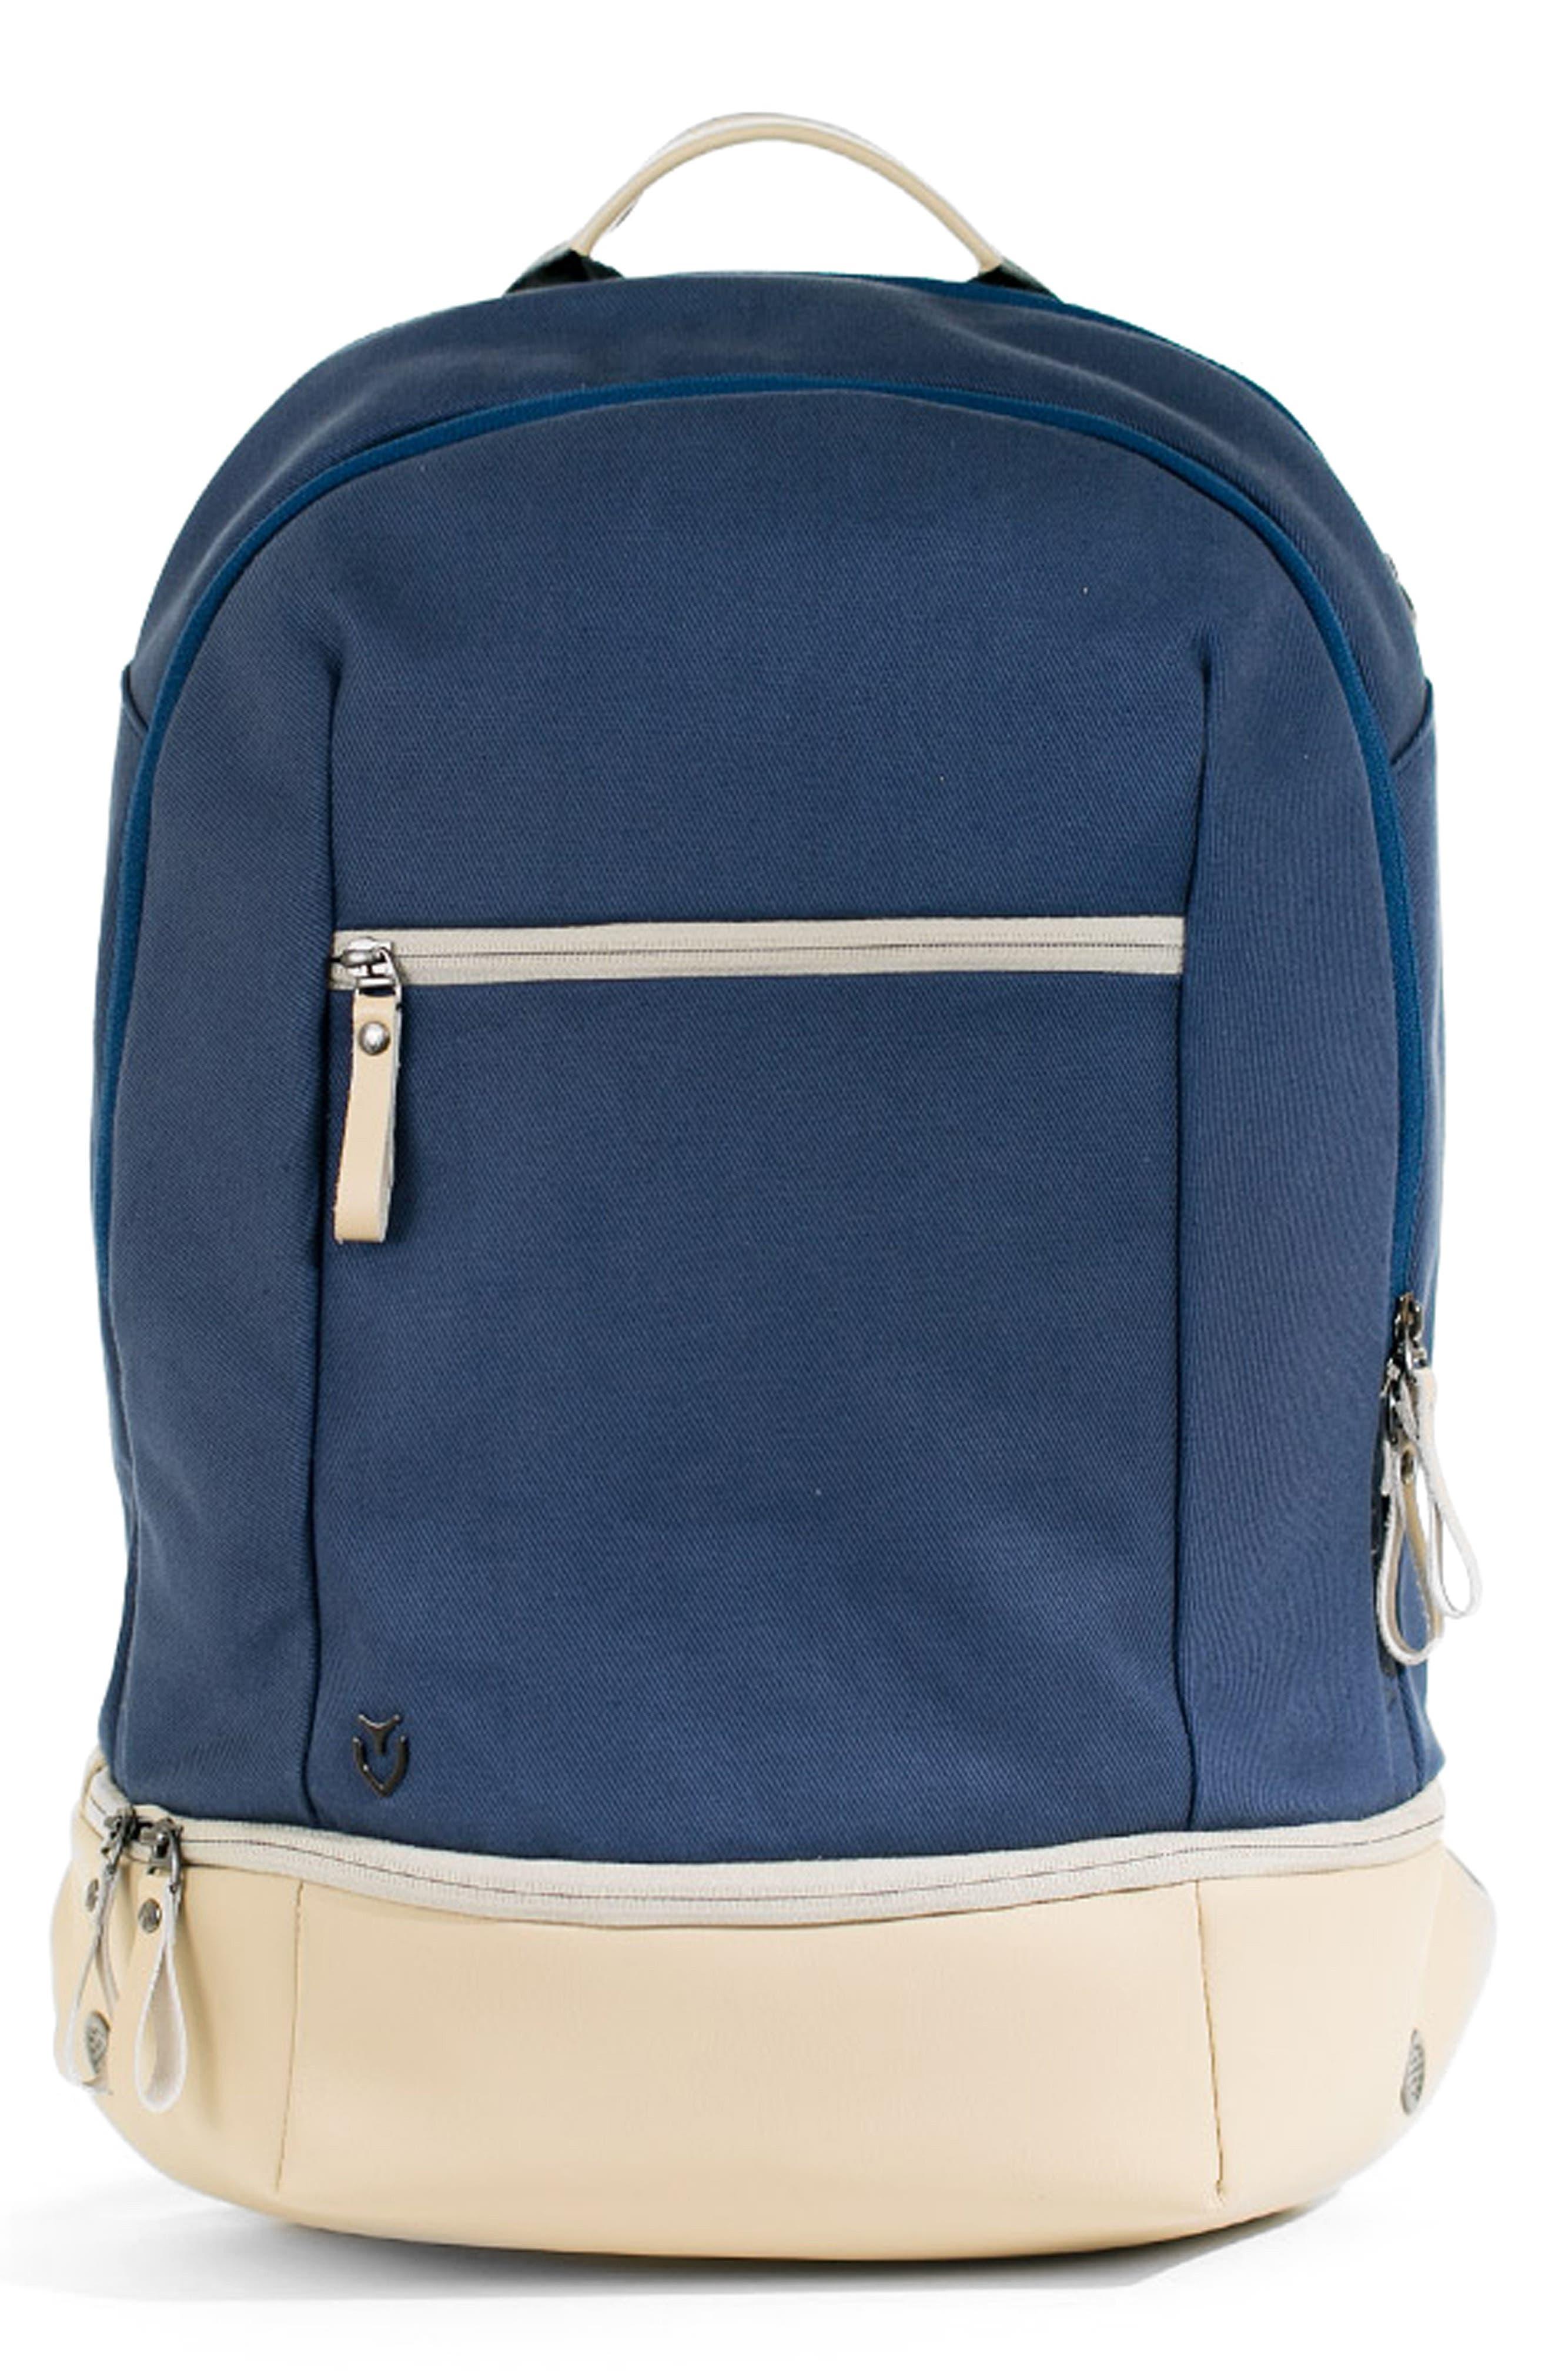 Signature Backpack,                             Main thumbnail 1, color,                             Navy